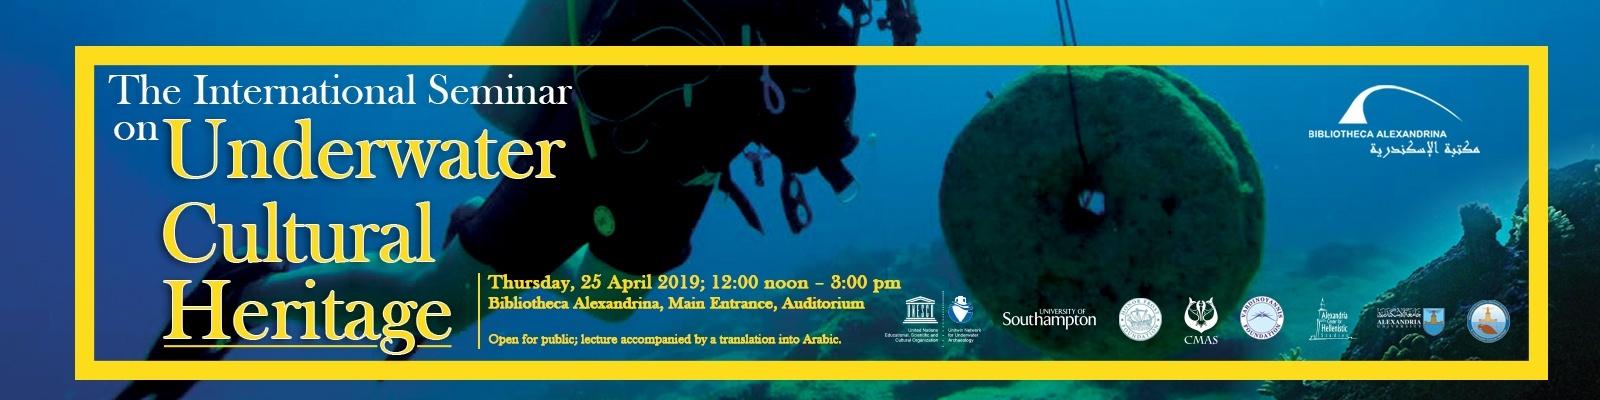 Séminaire inetrnational sur le patrimoine culturel sous-marin